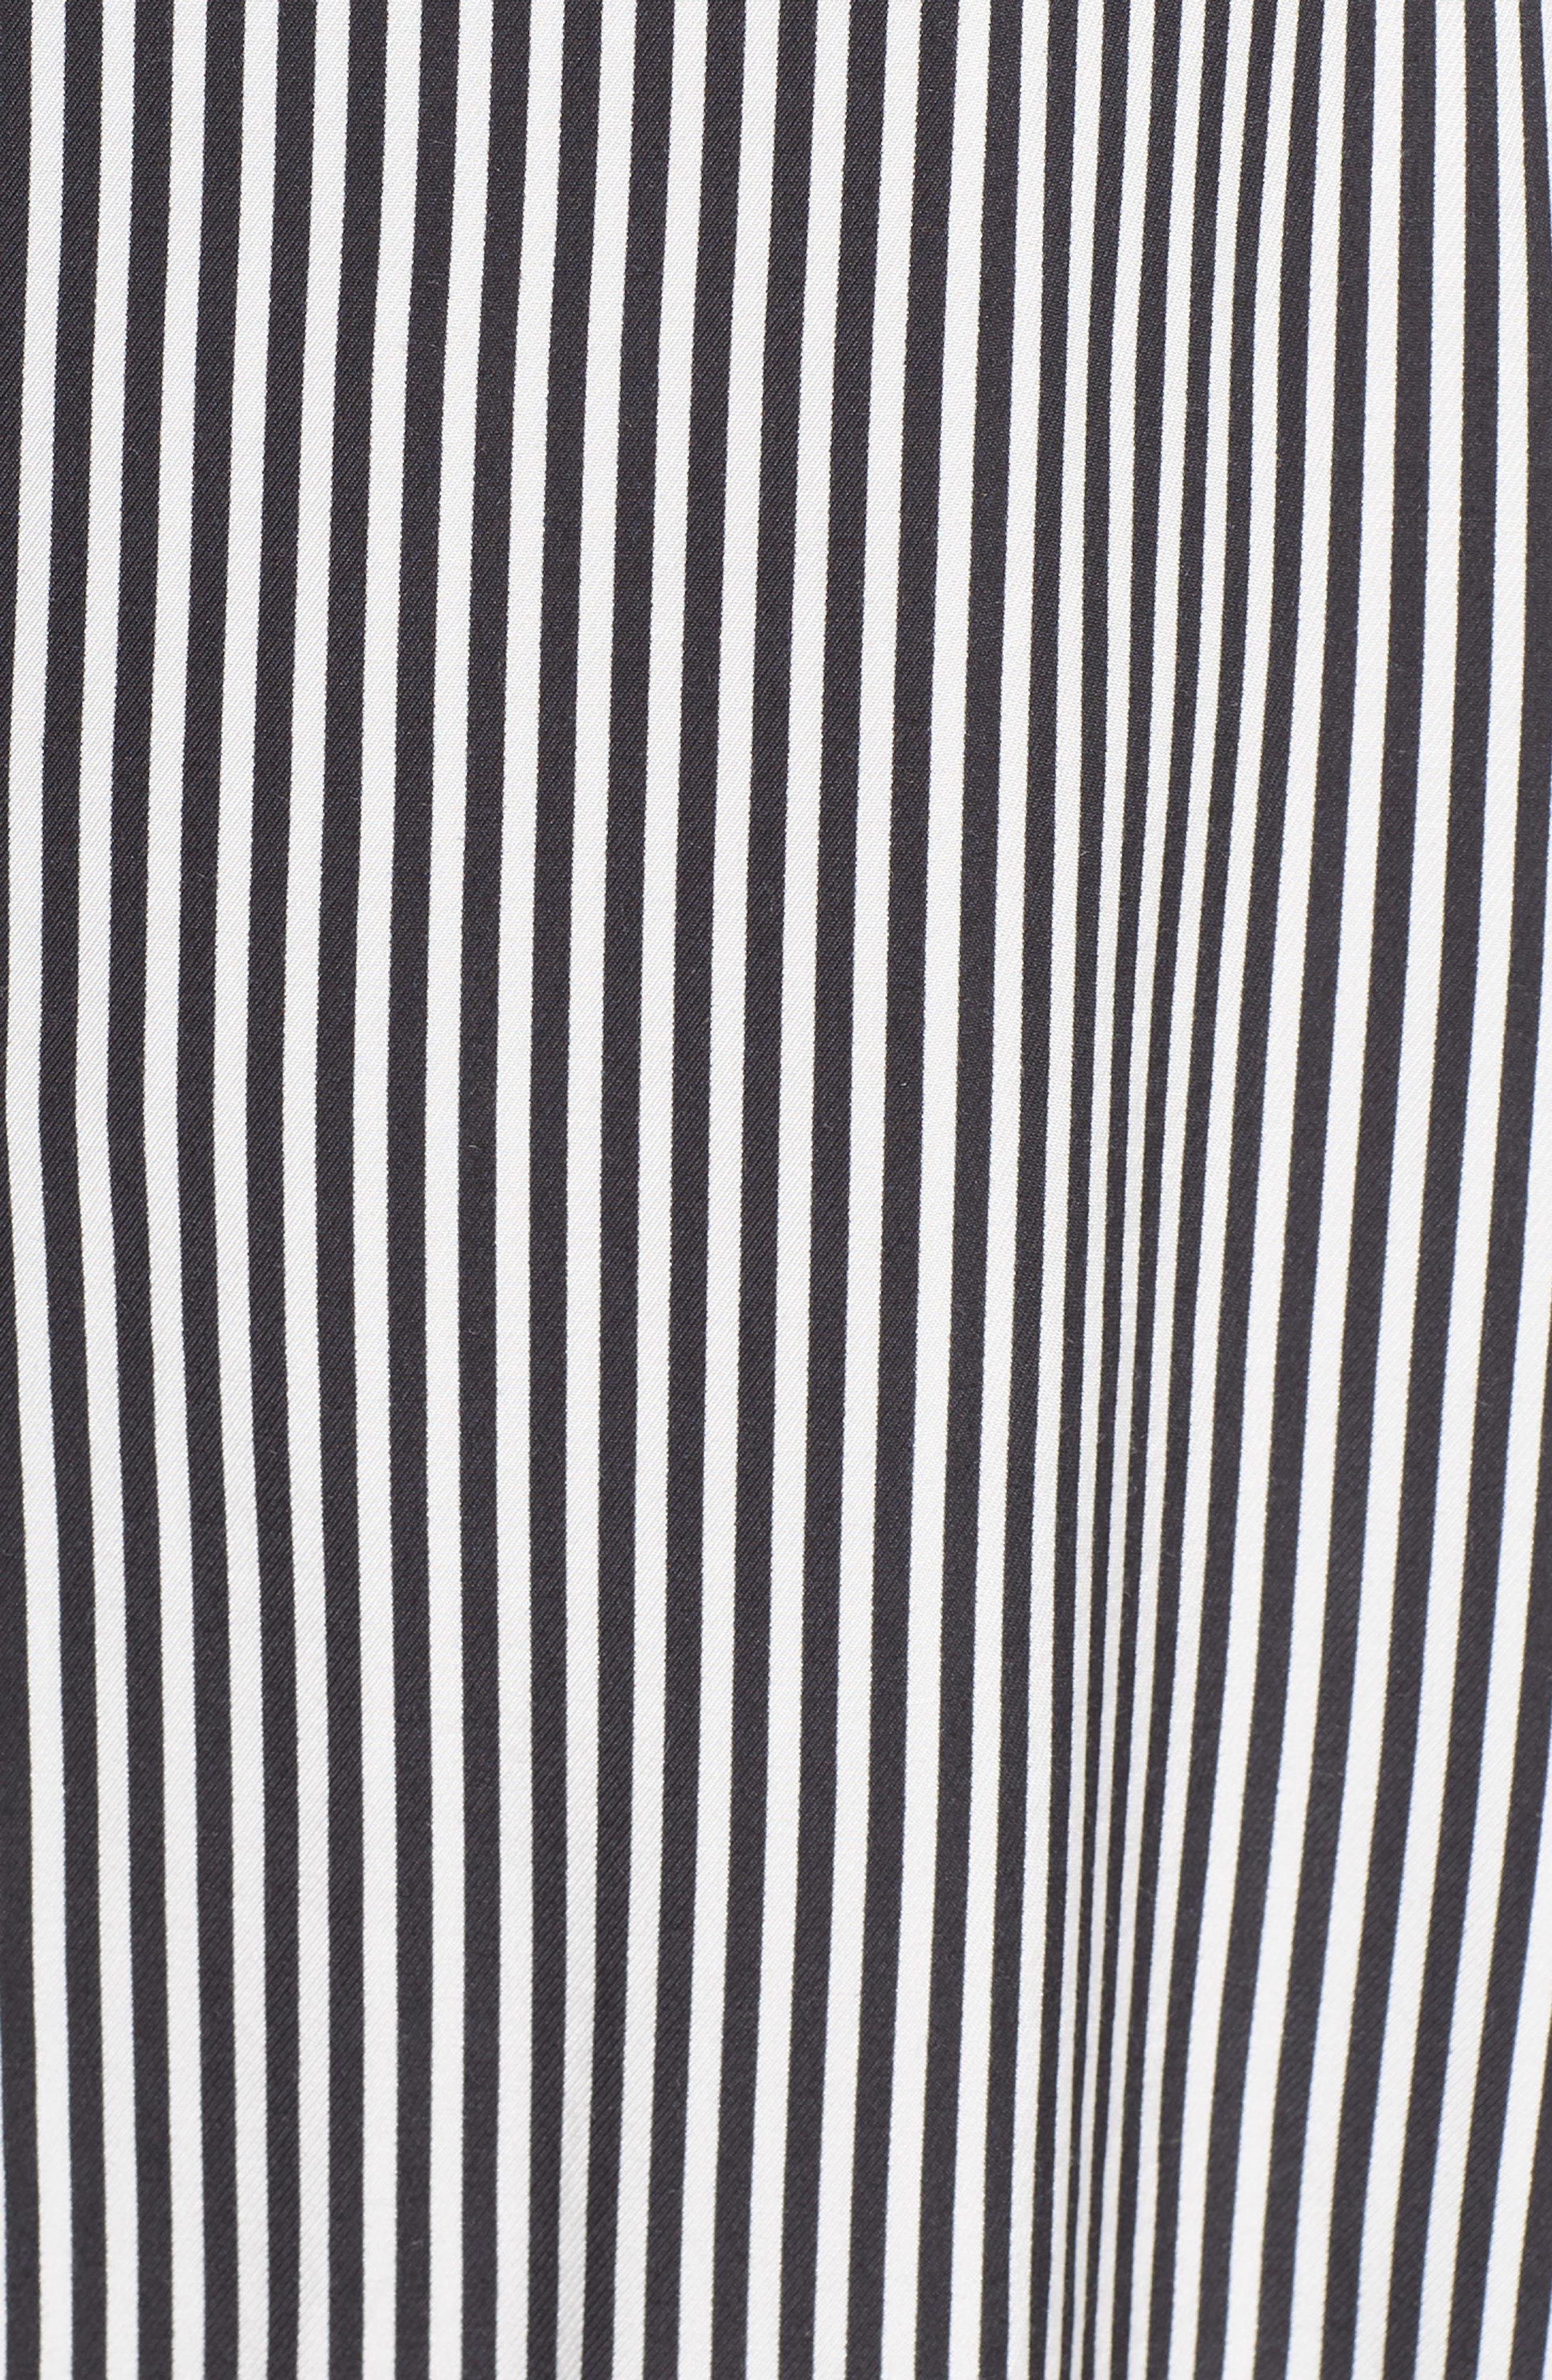 ALI & JAY, Take Me Downtown Stripe Dress, Alternate thumbnail 6, color, 001